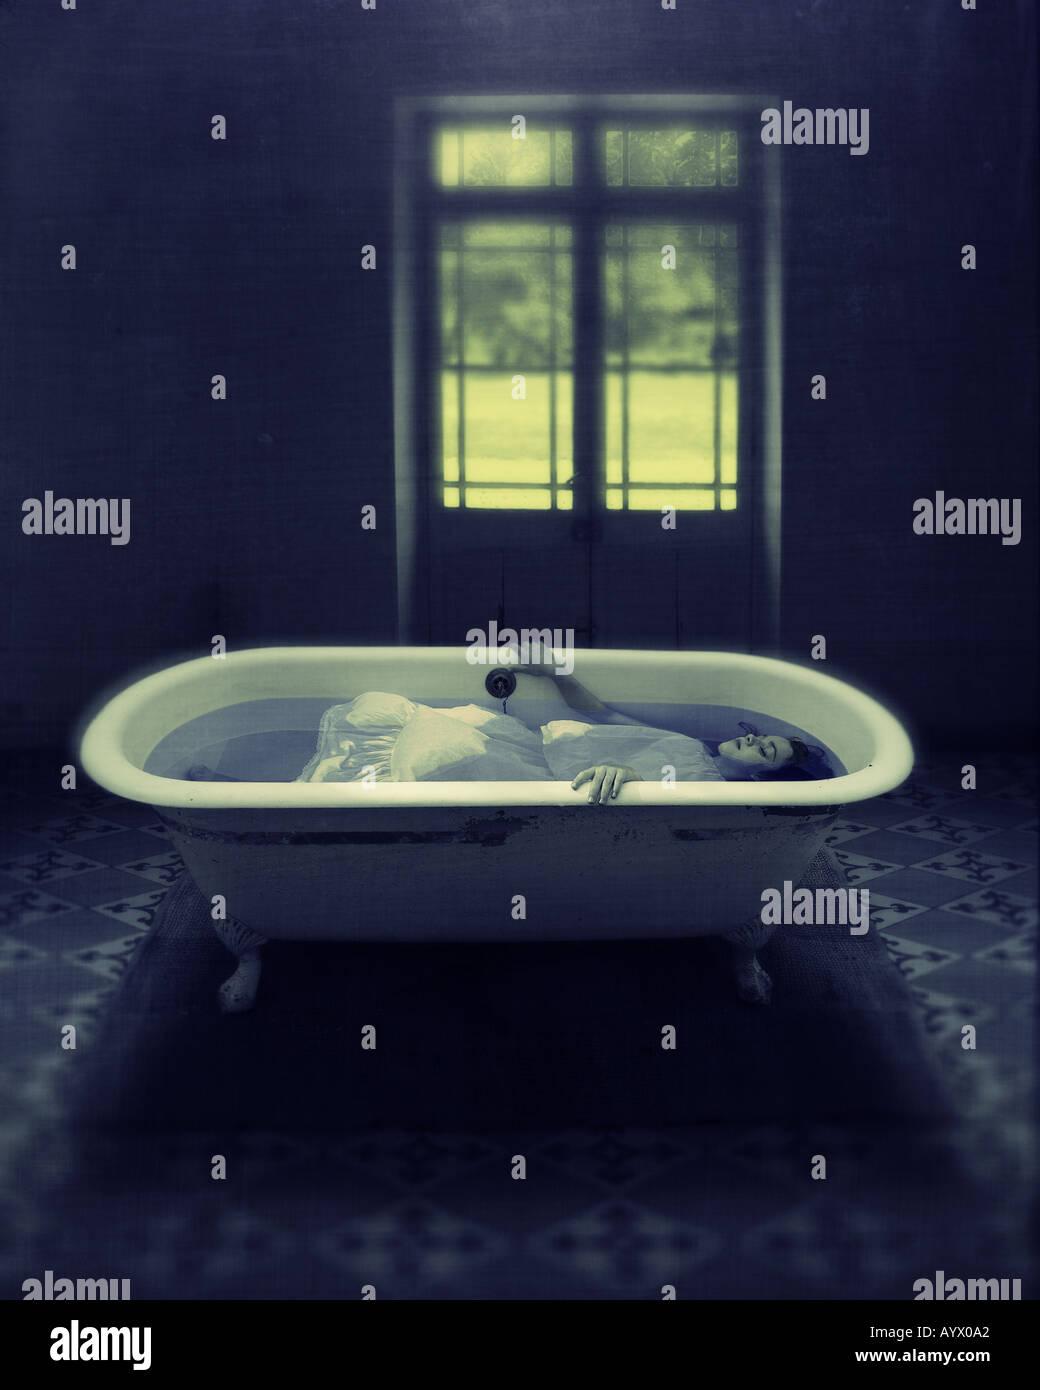 Fille en robe blanche est immergé dans l'eau dans la baignoire dans salle vide avec porte à jardin Banque D'Images